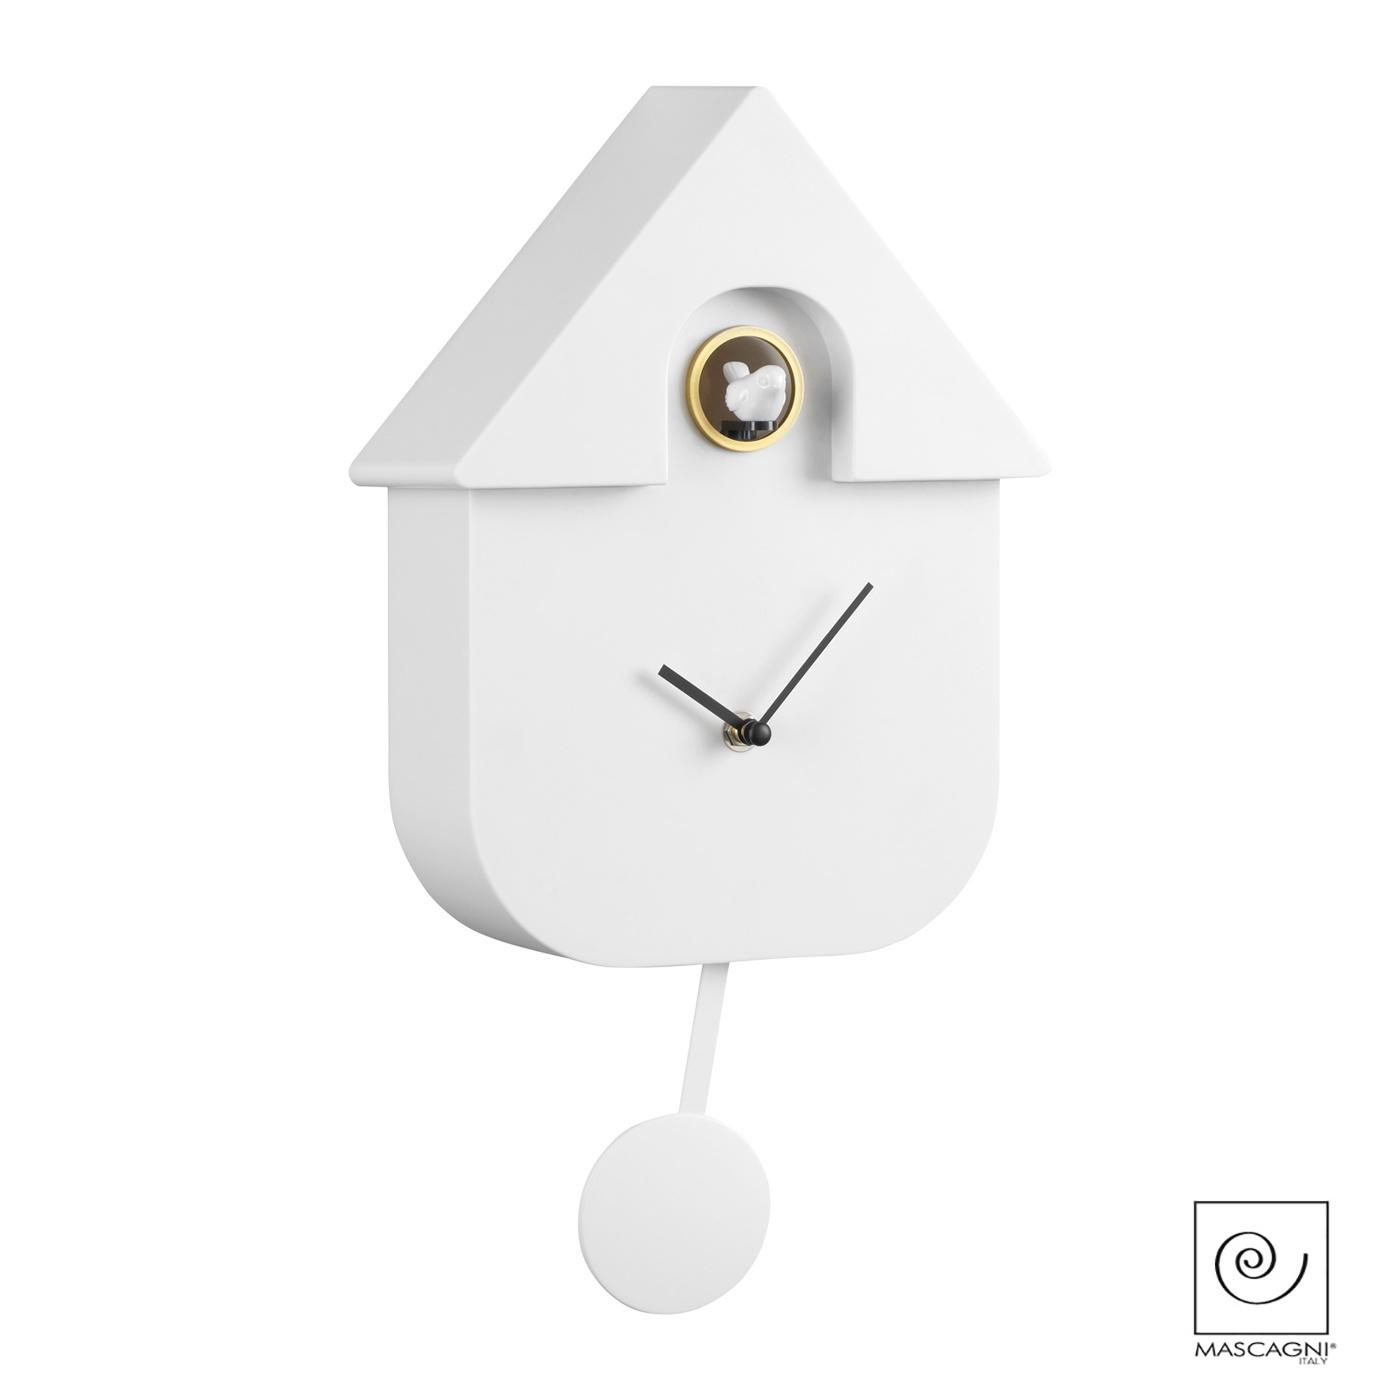 Art Mascagni M581 CUCU CLOCK